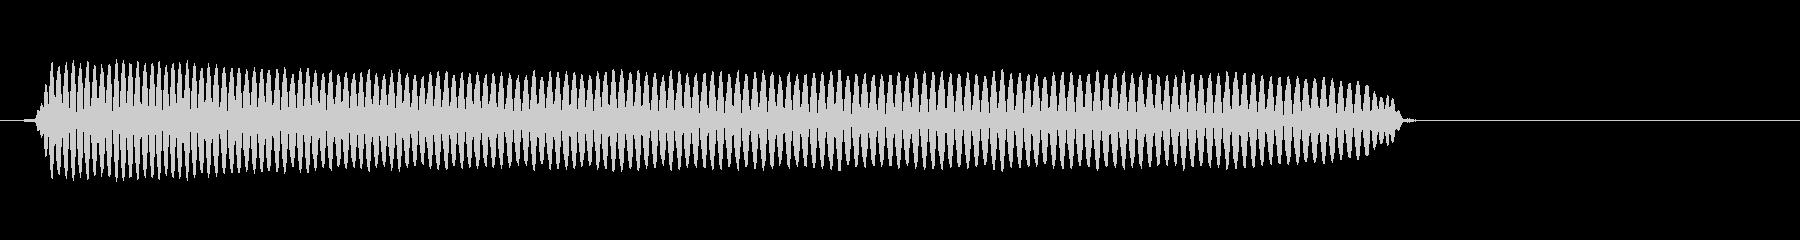 「ピィィーッ」サッカー試合開始時の笛の未再生の波形